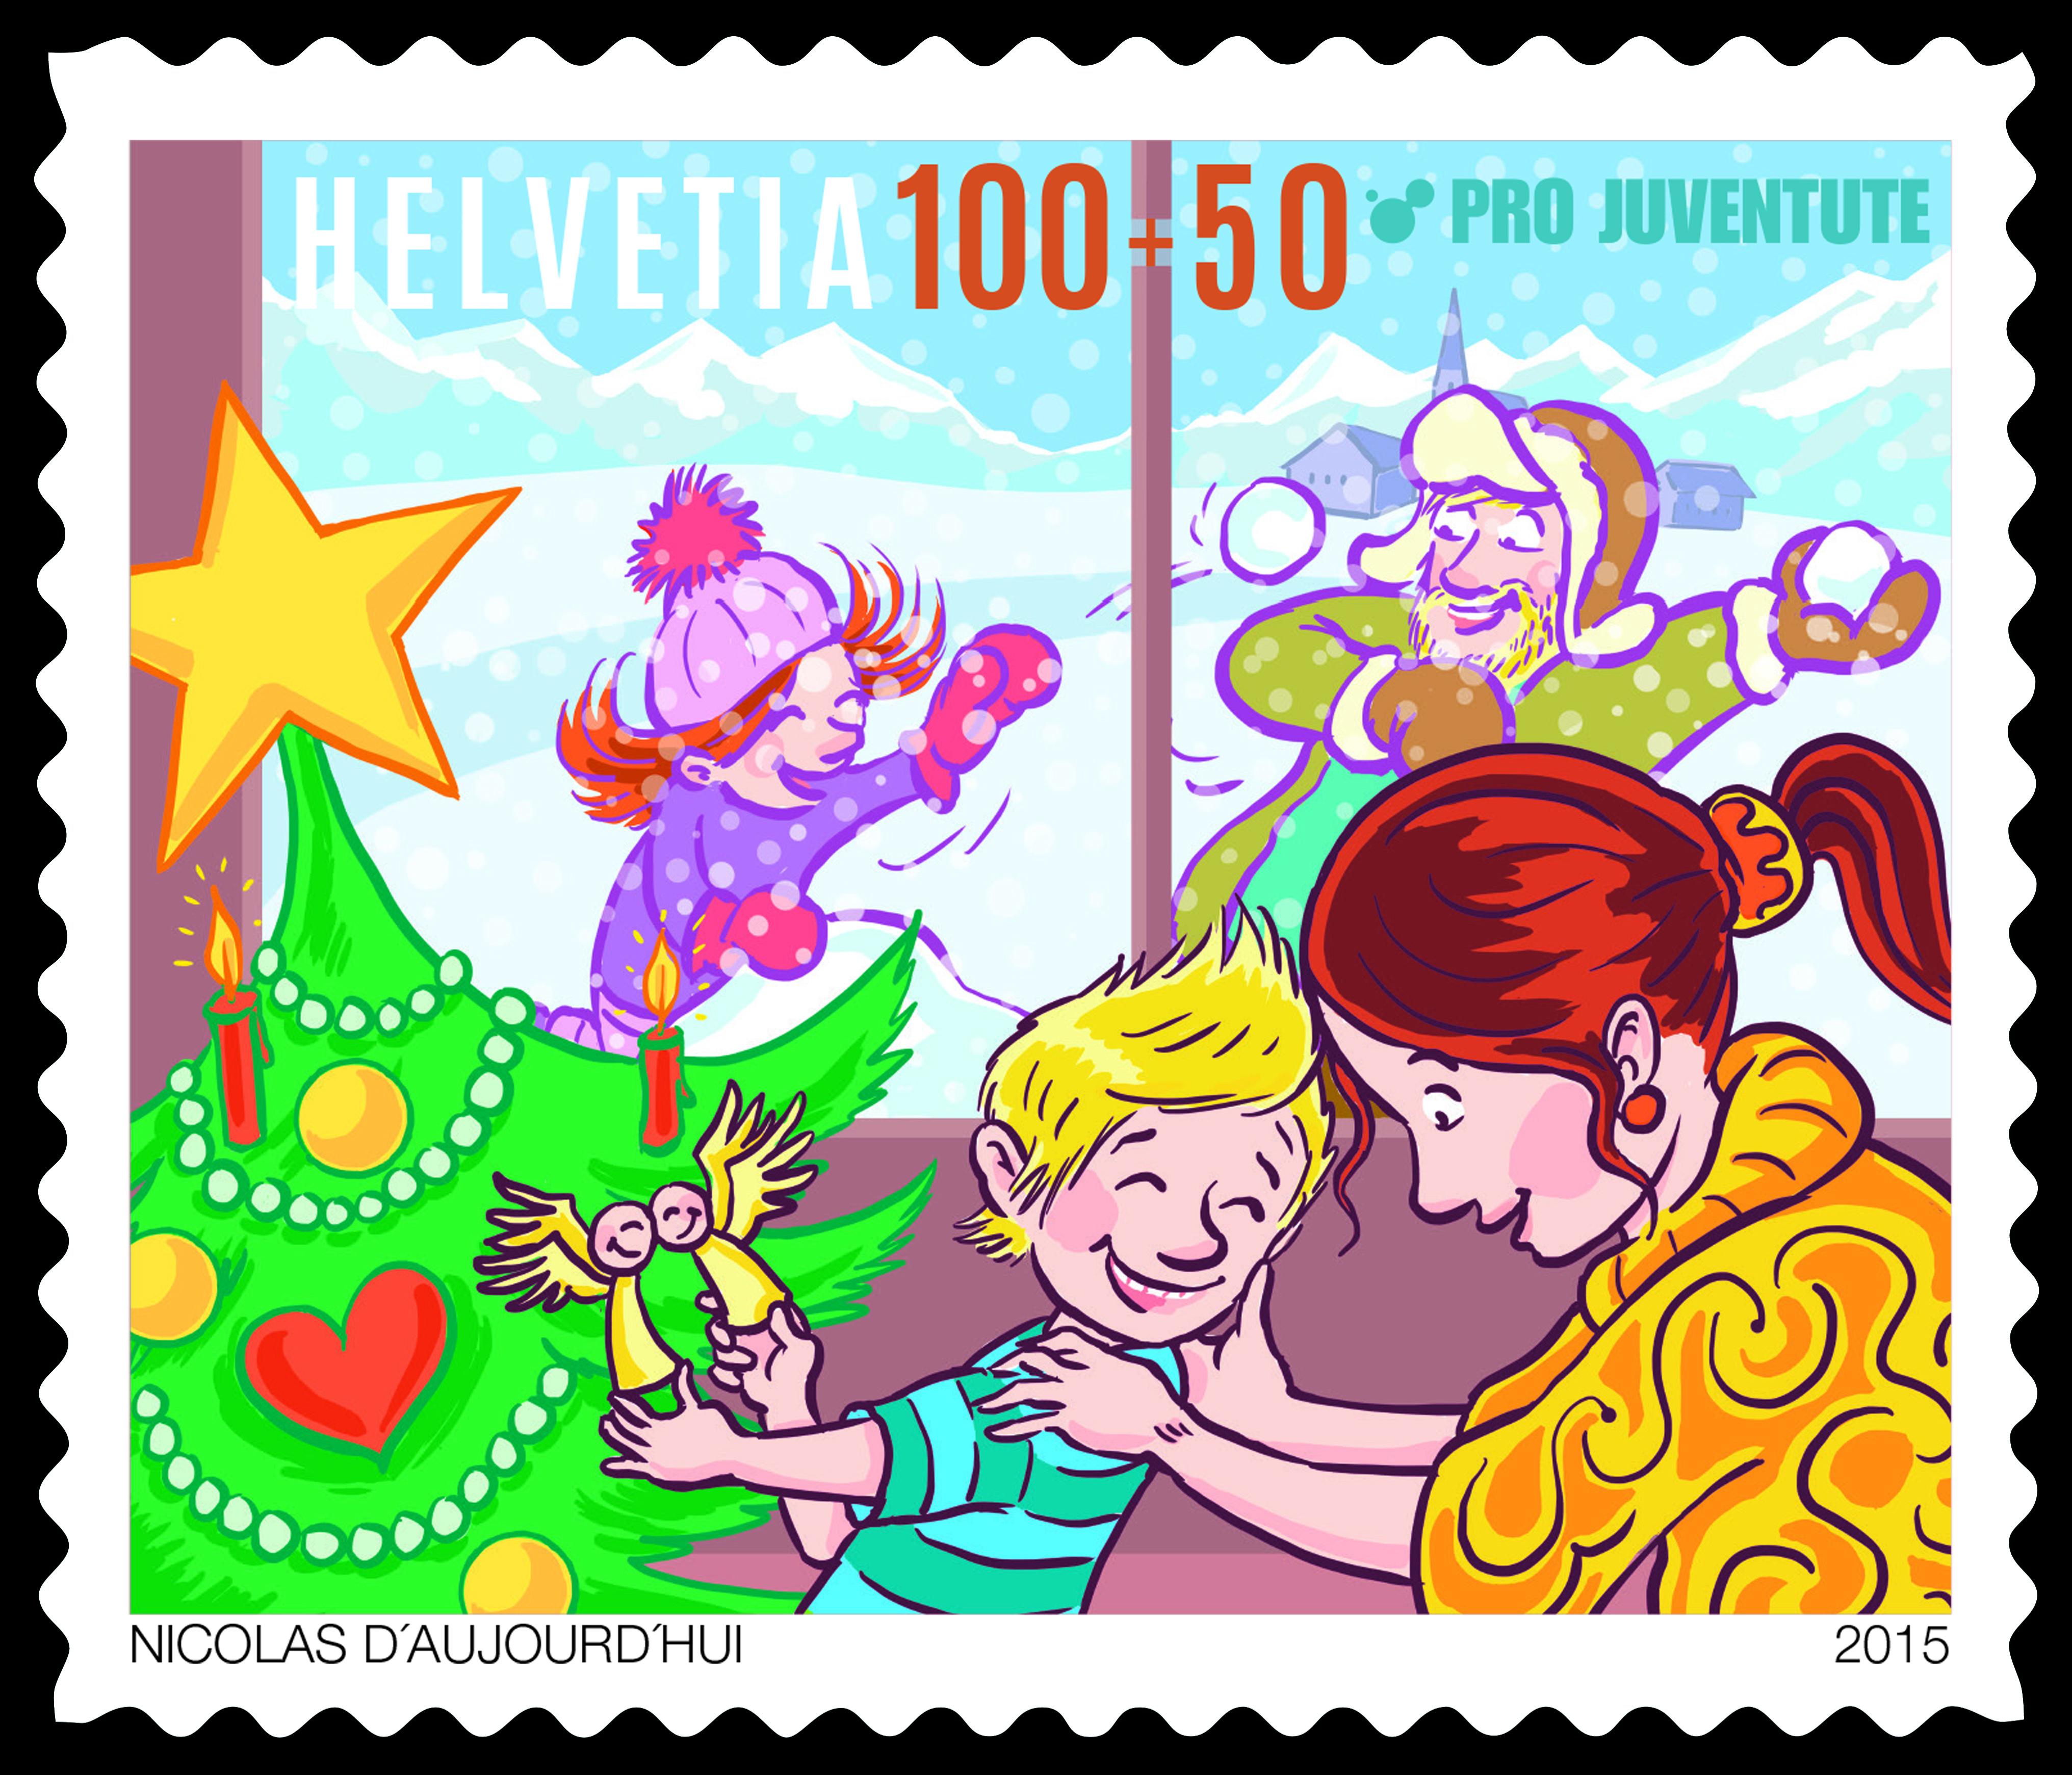 Weihnachten in basel 2015